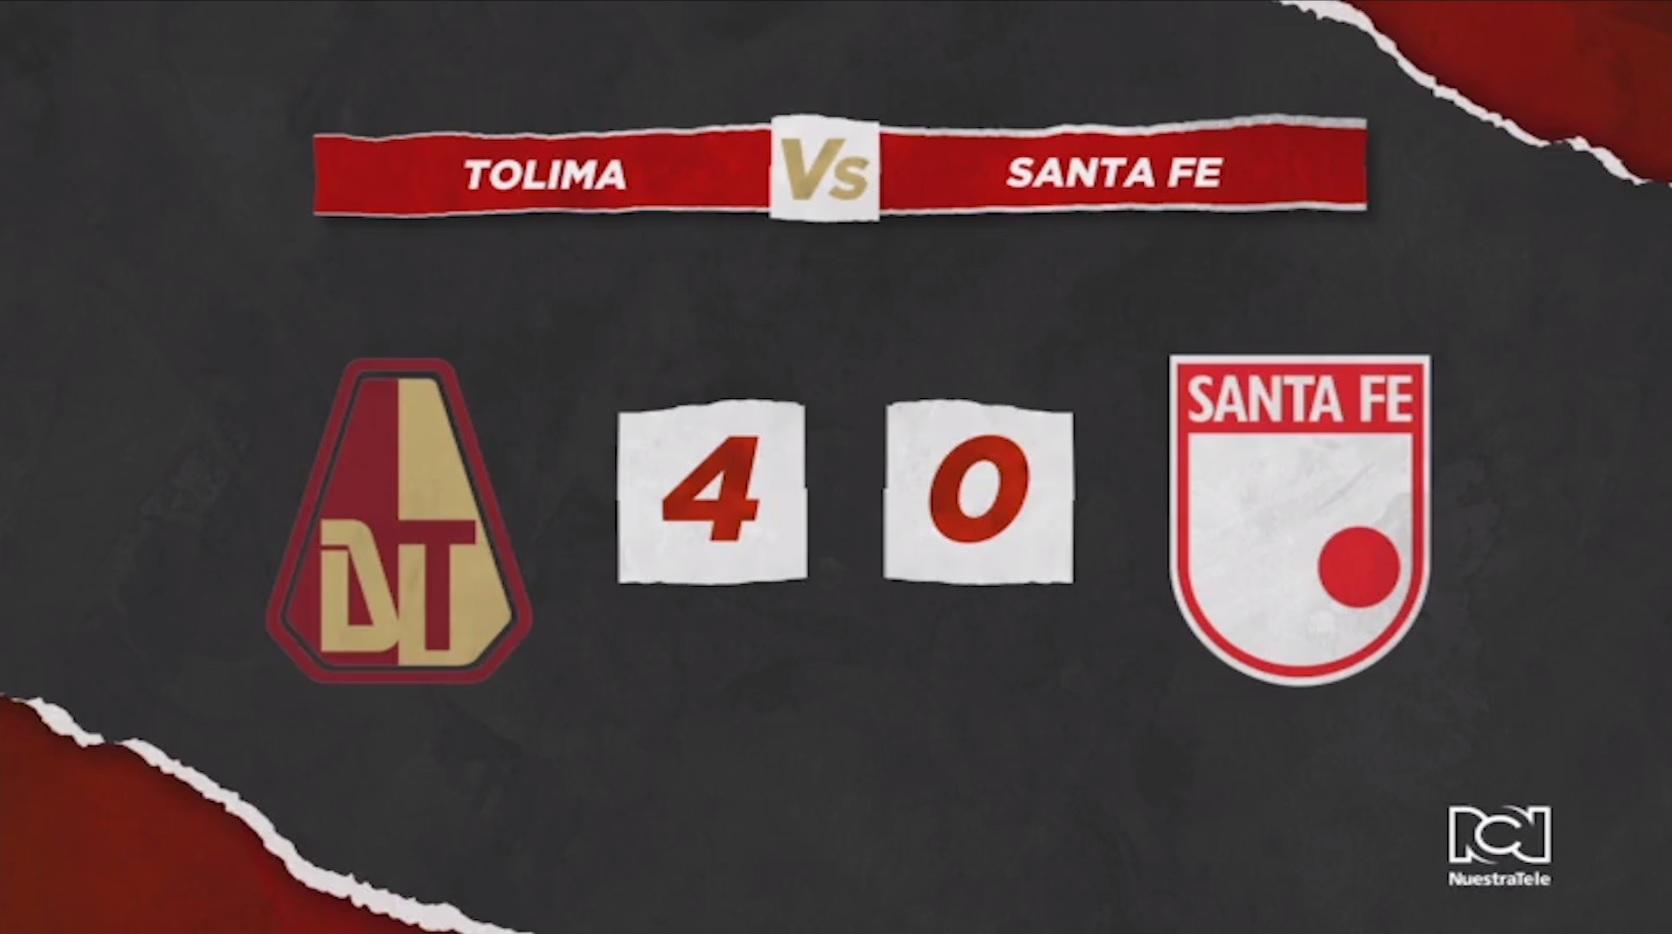 Tolima Vs Santa Fe